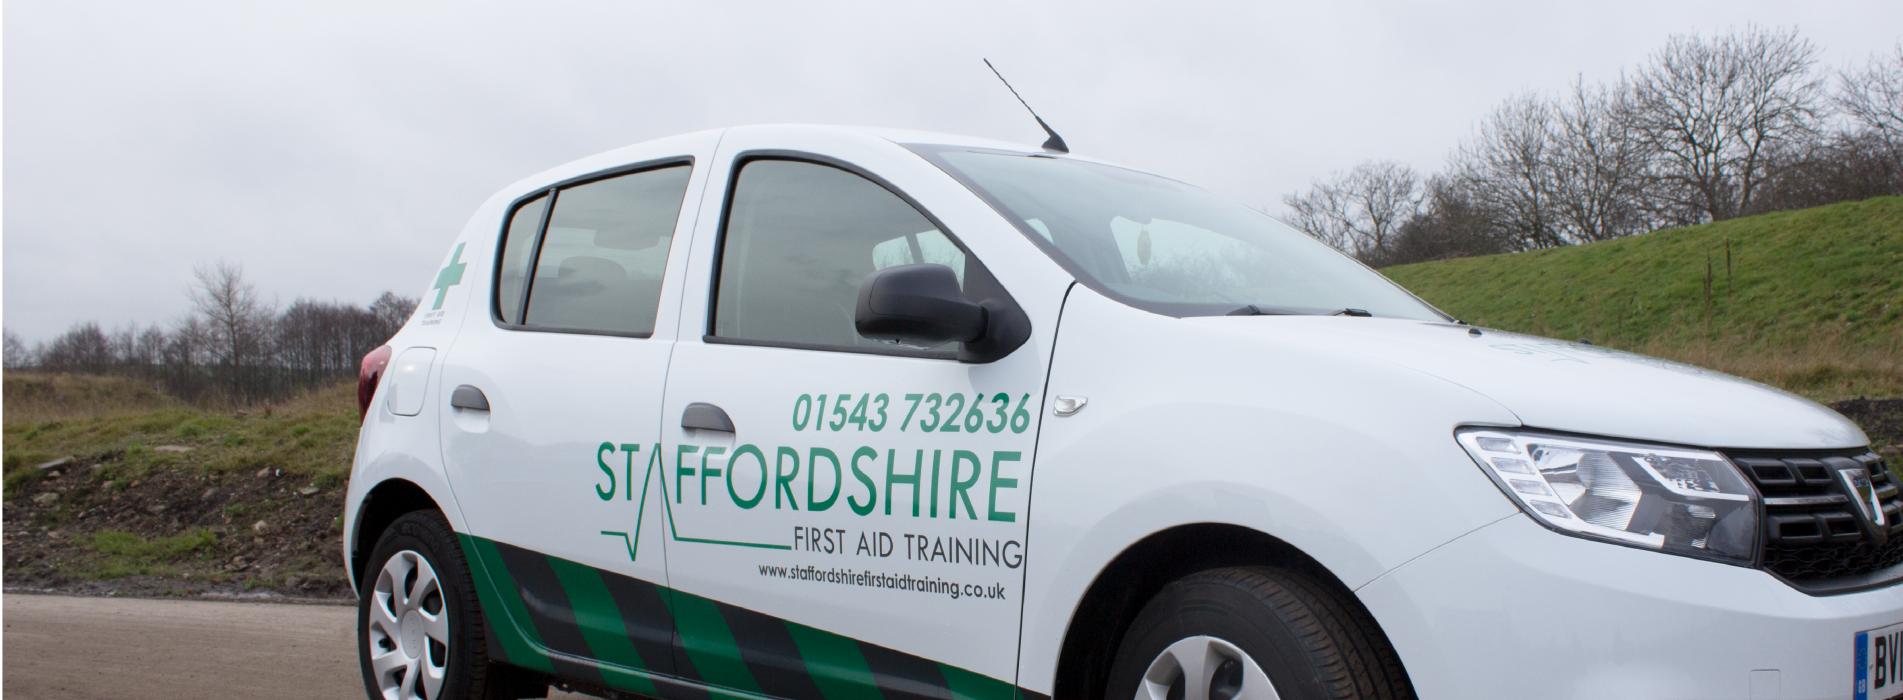 Shrewsbury first aid training